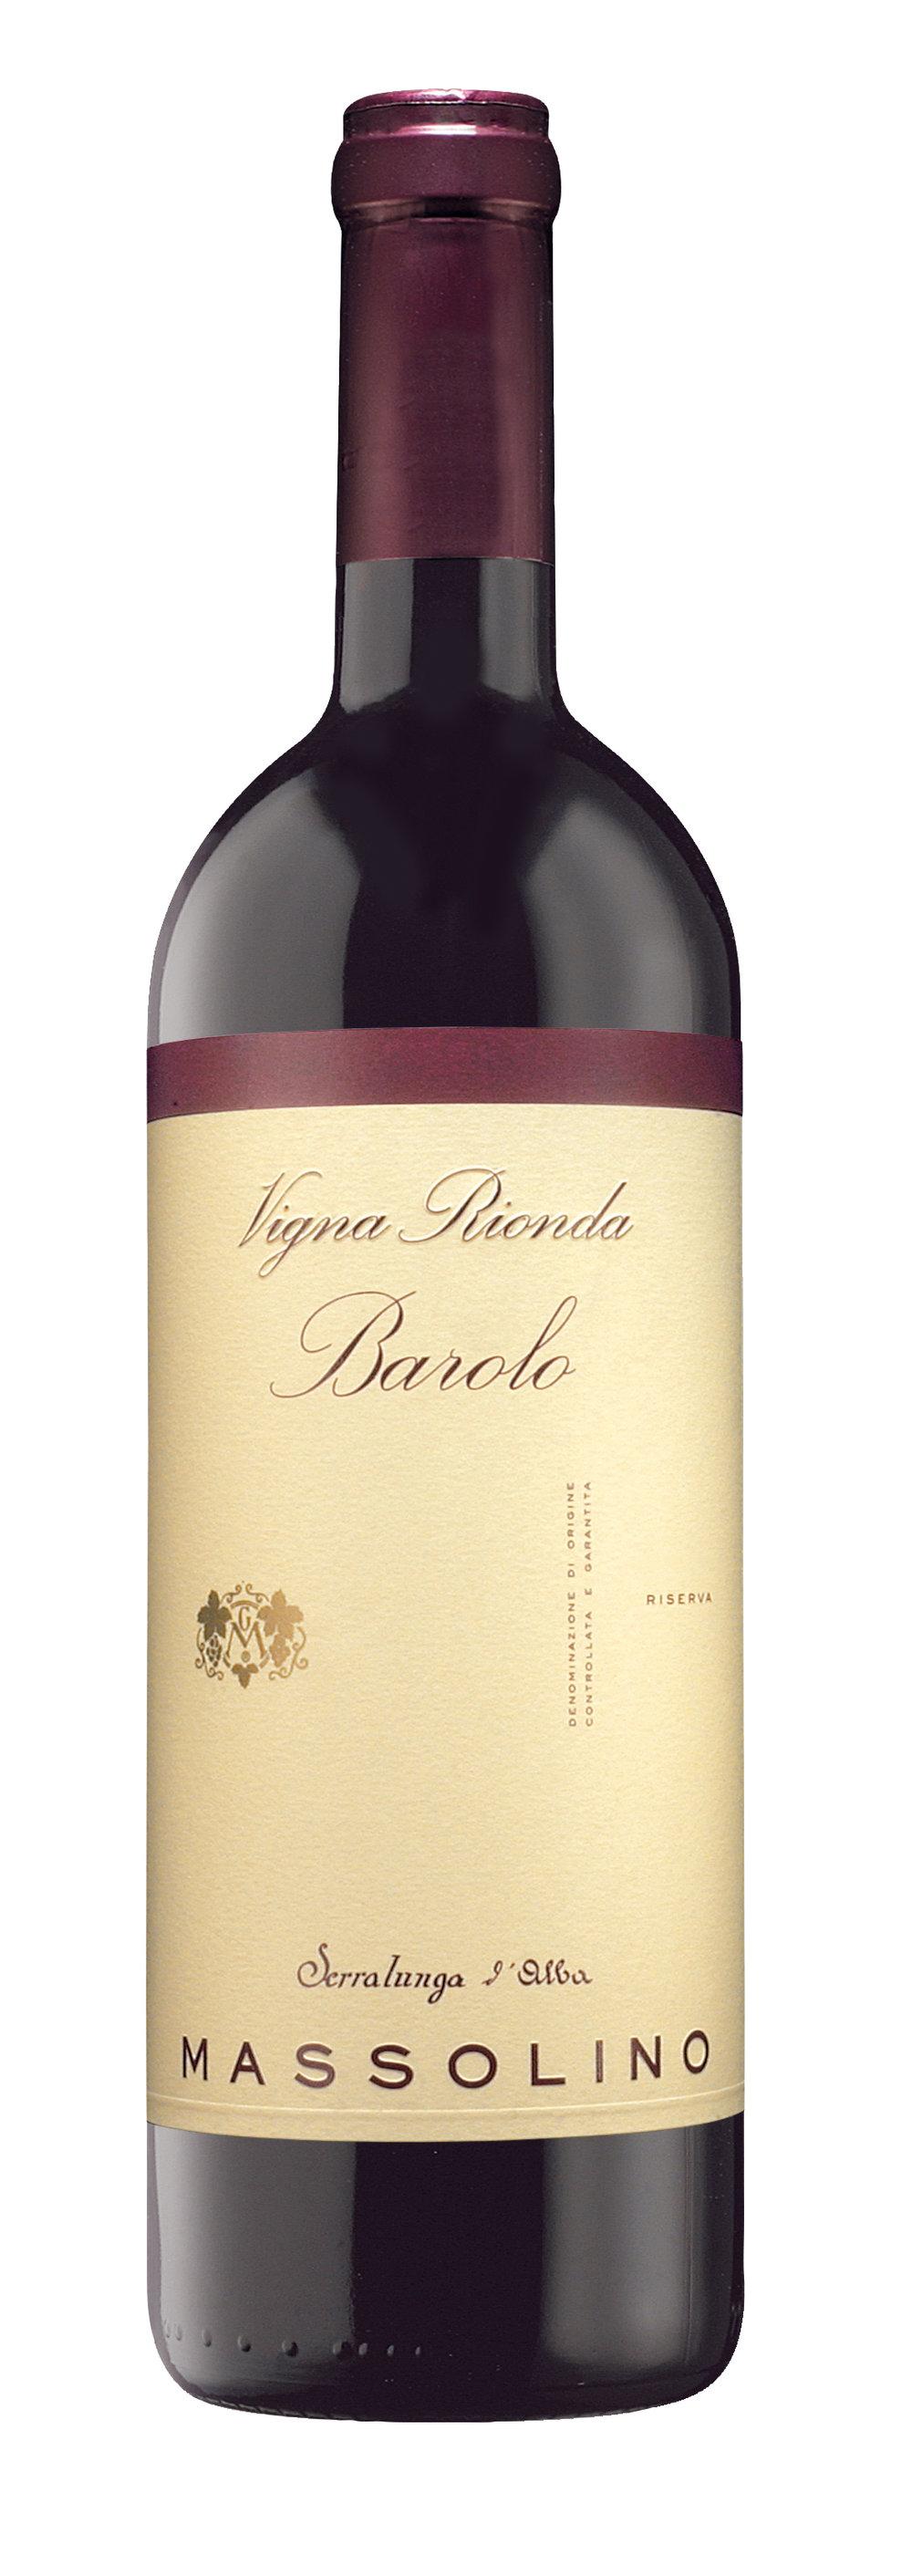 Massolino Vigna Rionda Riserva Barolo Bottle.jpg